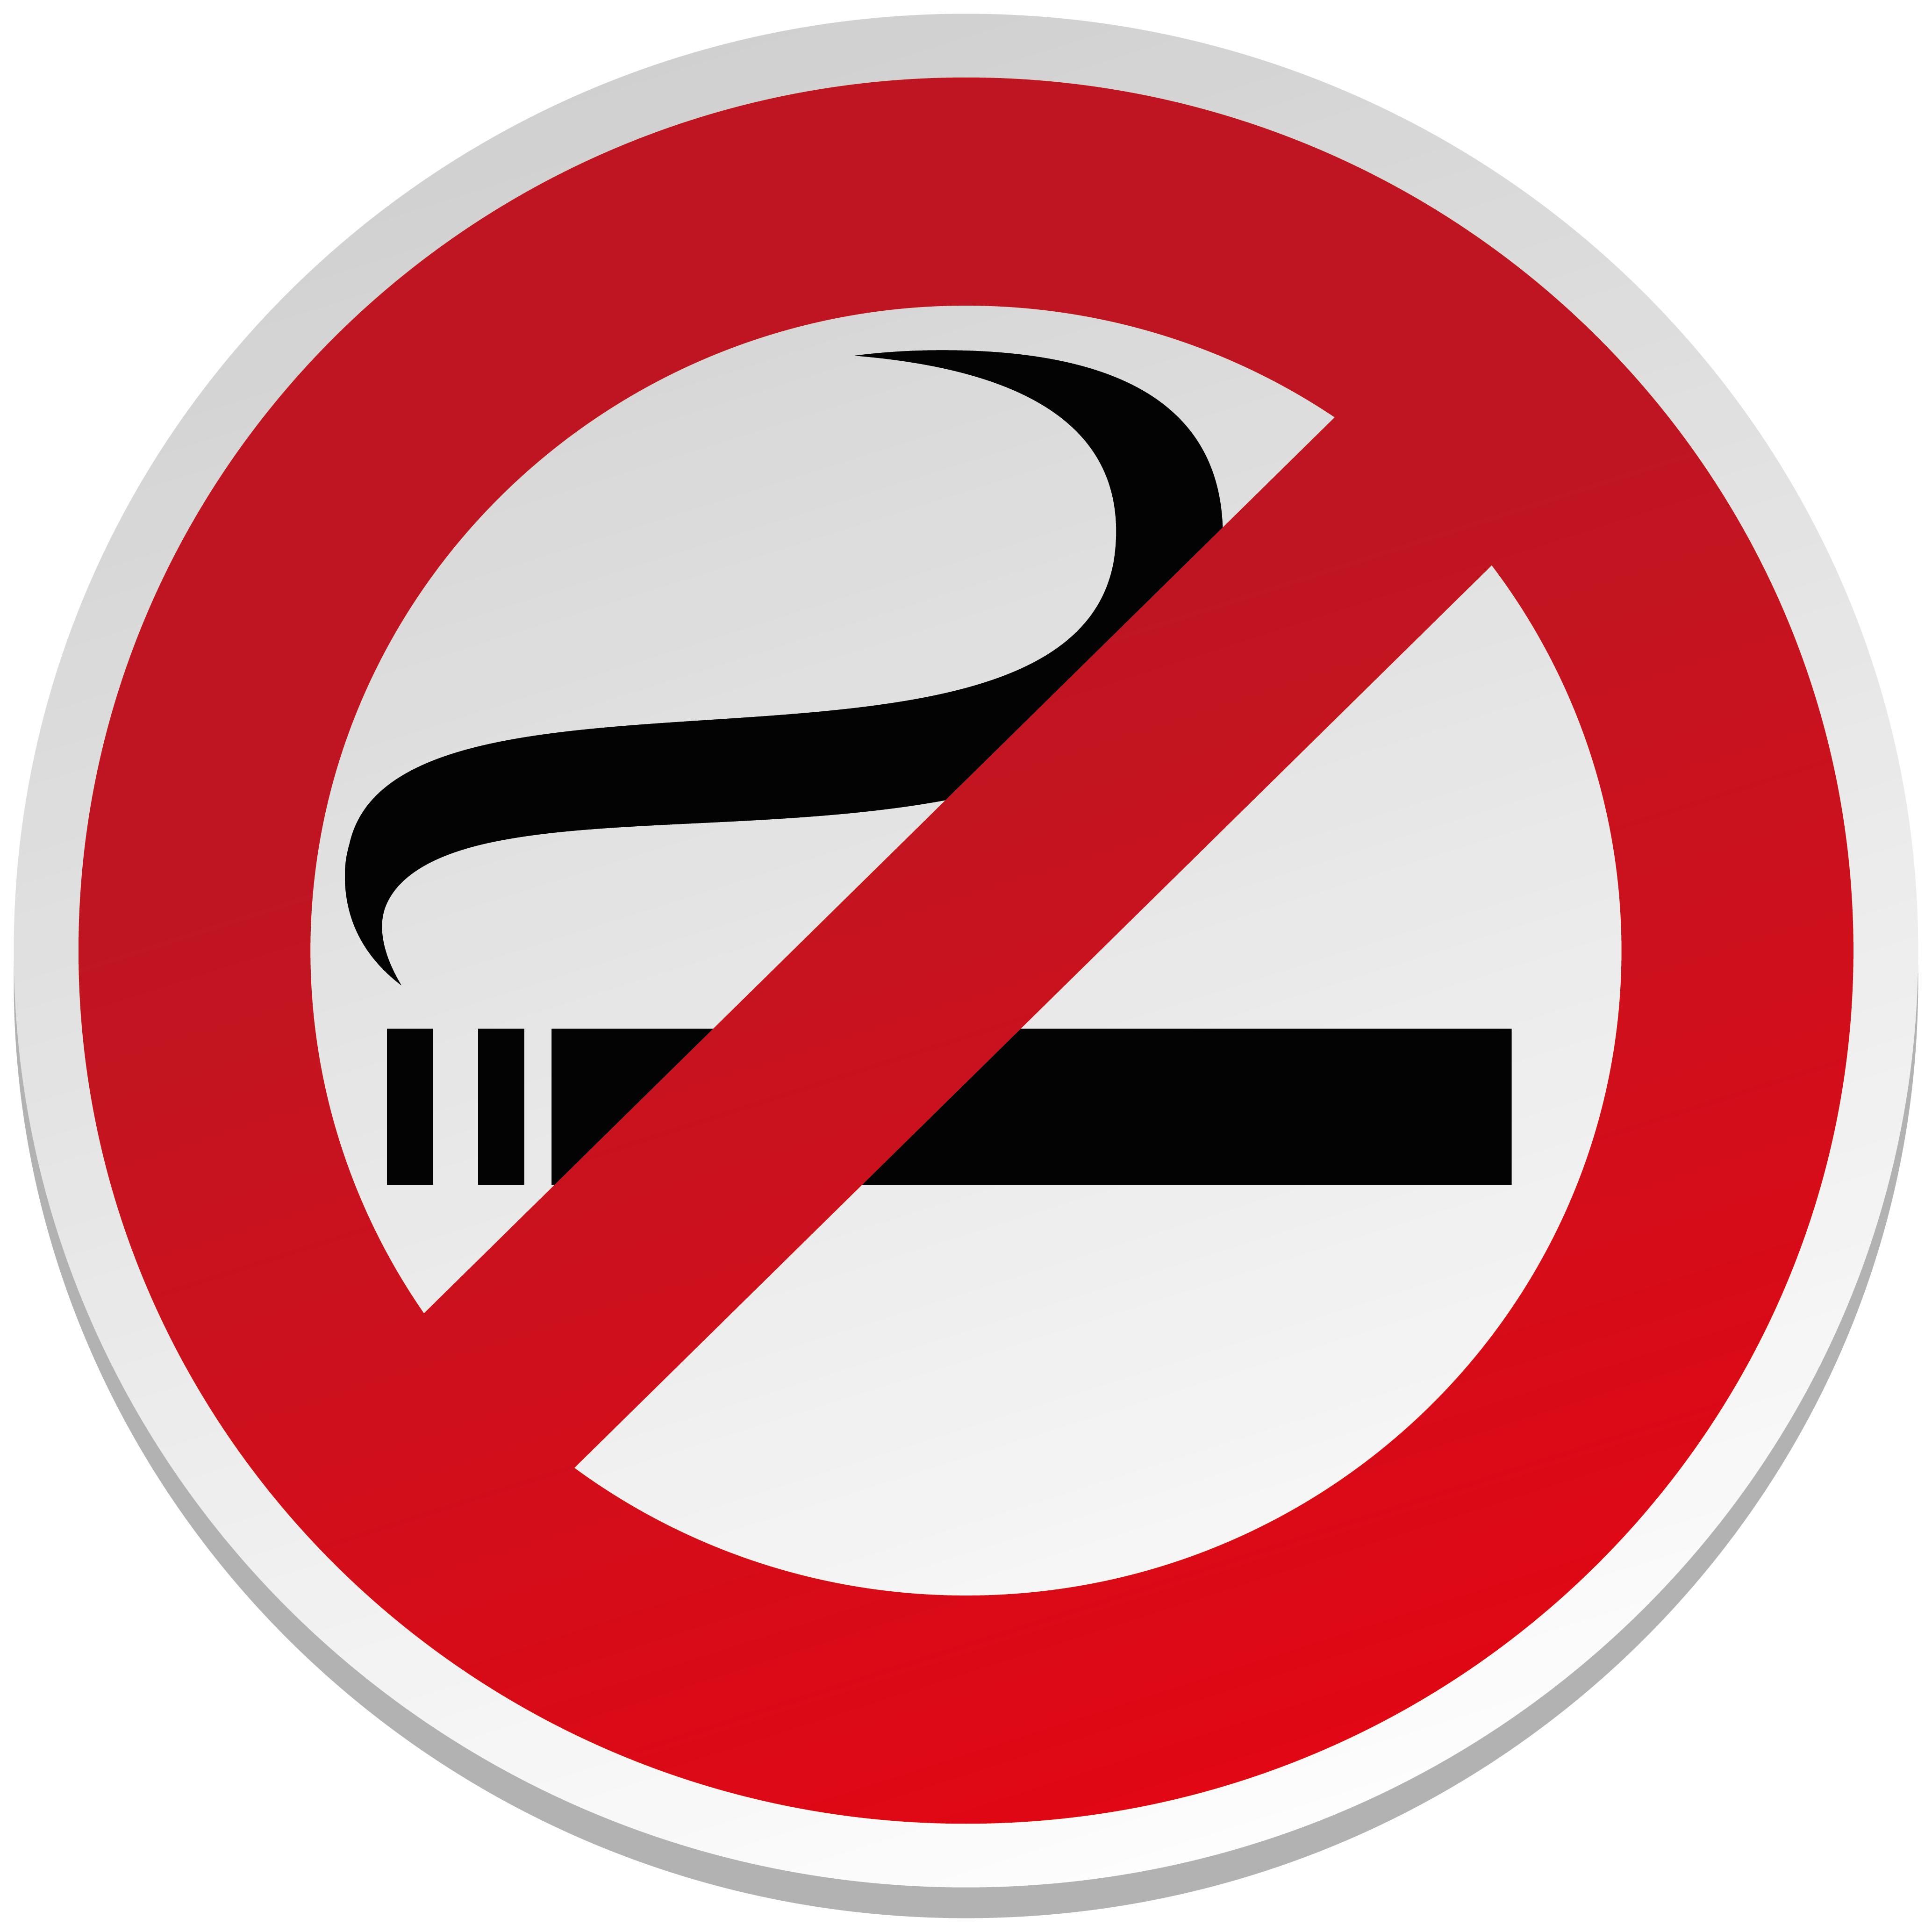 interdiction de fumer panneaux routiers pinterest interdiction de fumer panneau pvc et. Black Bedroom Furniture Sets. Home Design Ideas